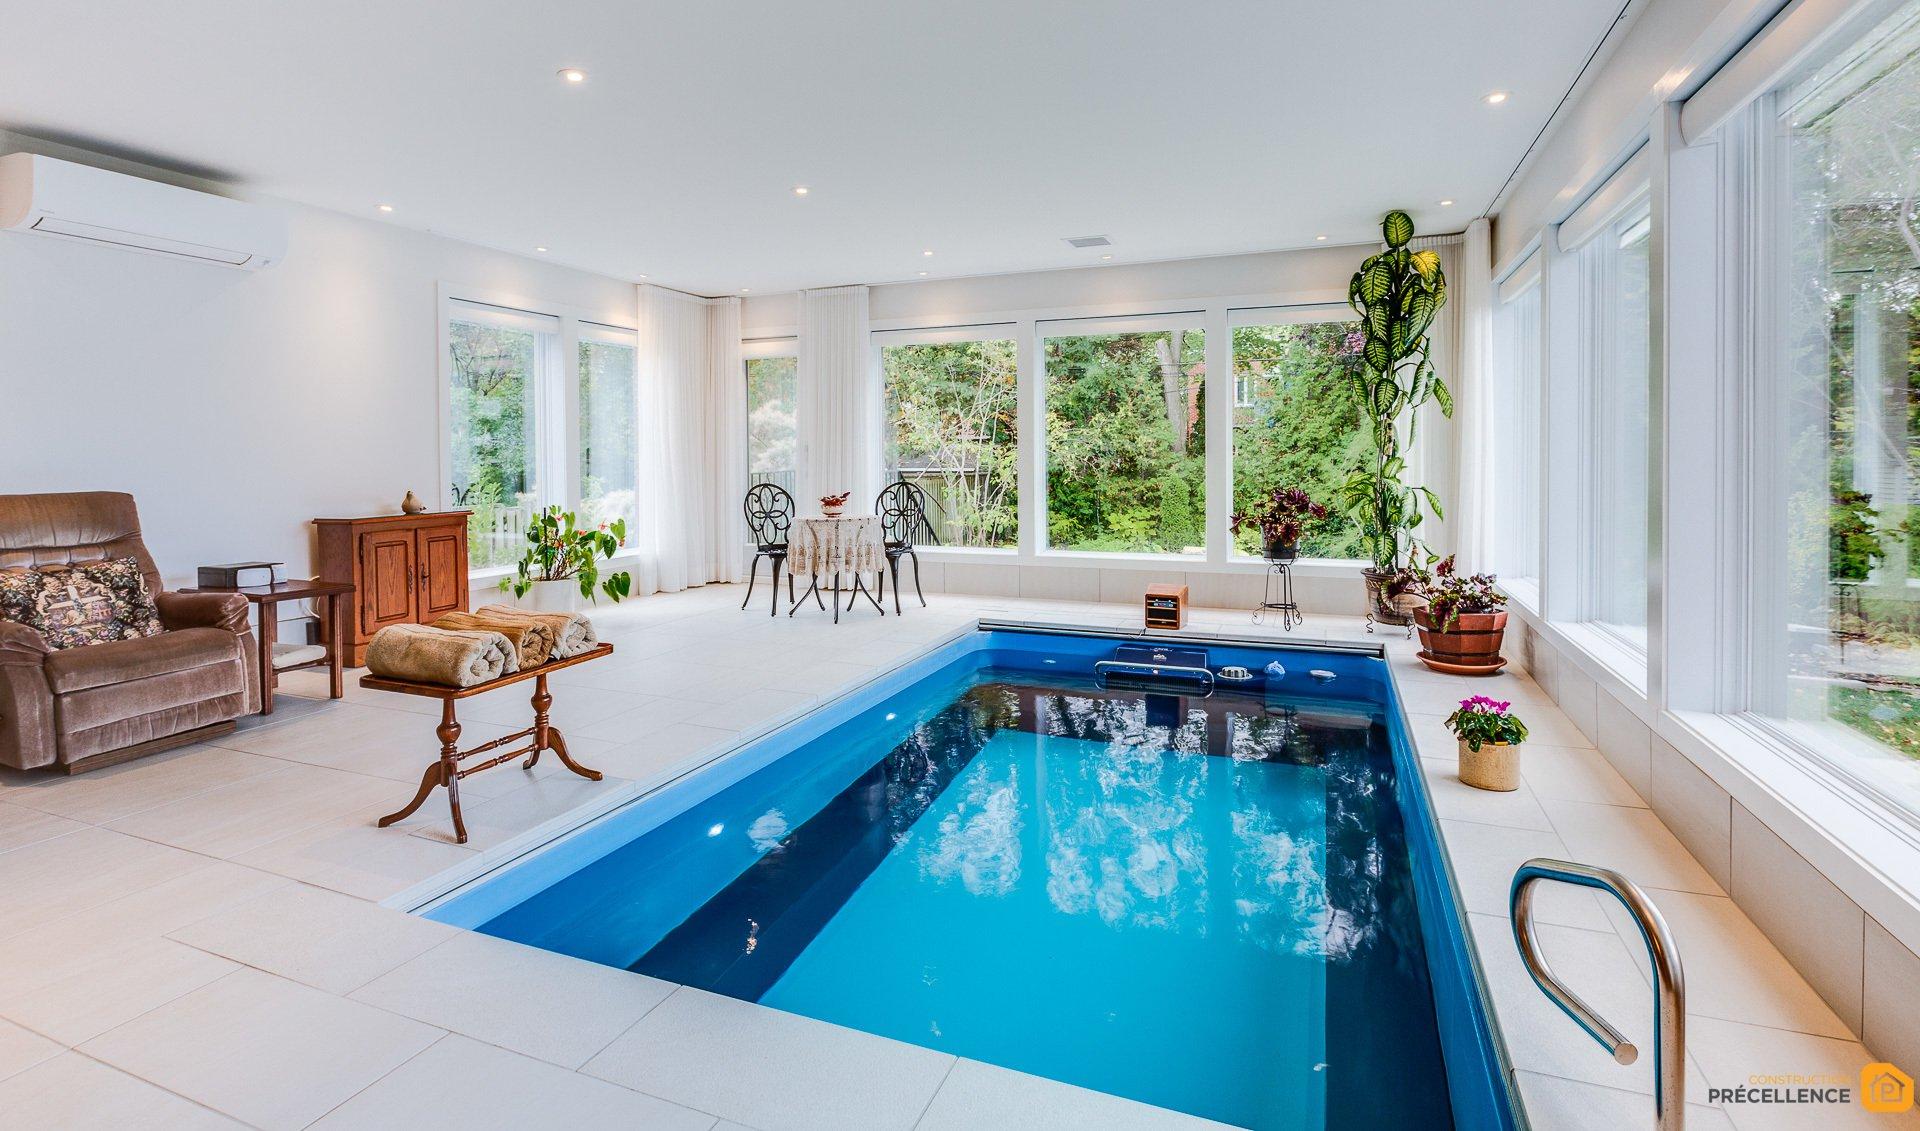 Construction de piscine int rieure et agrandissement ahuntsic construction precellence for Construction piscine interieure